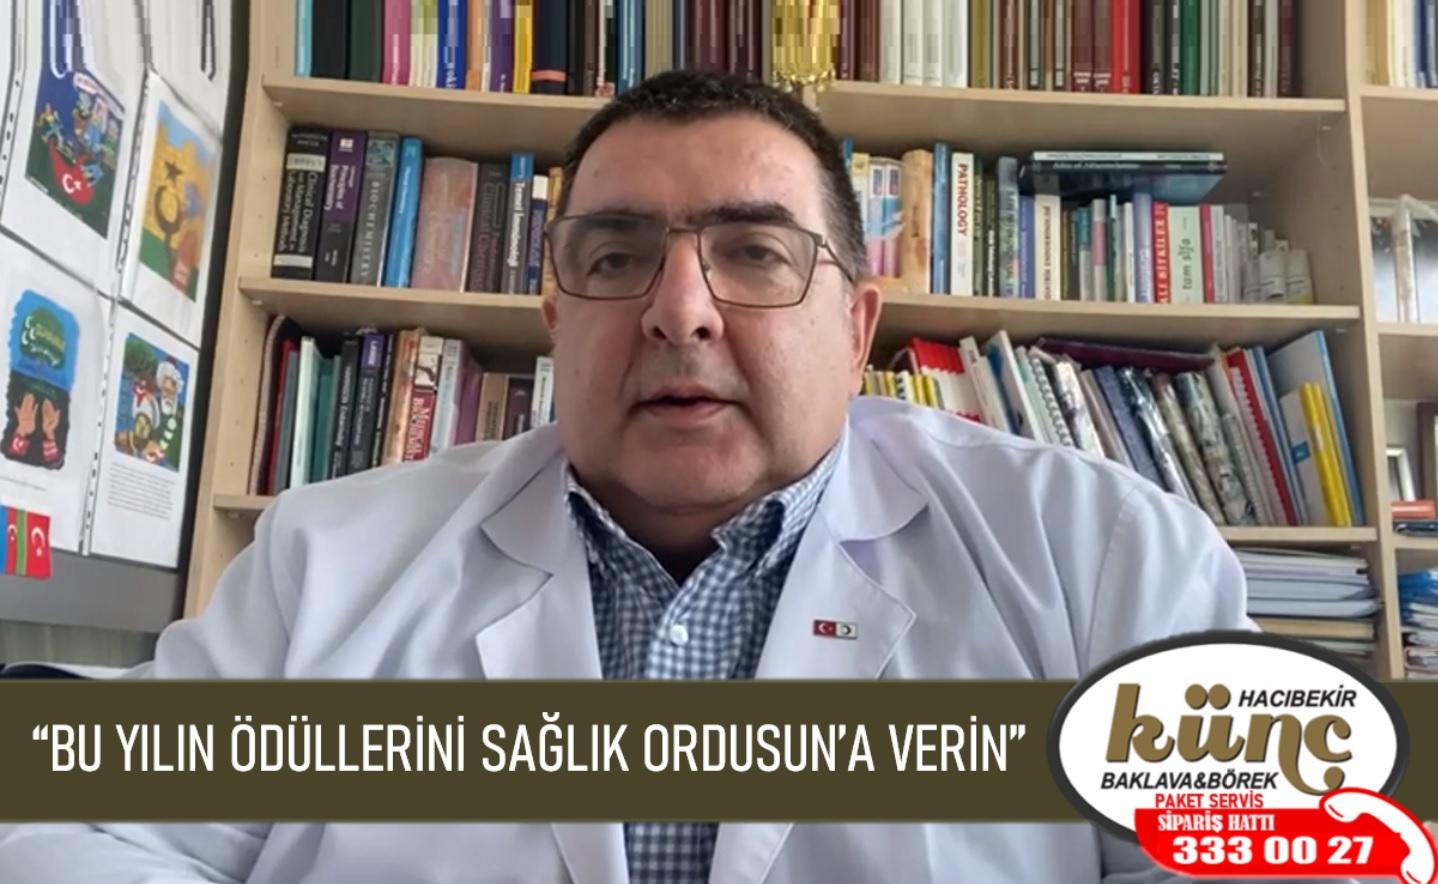 """""""BU YILIN ÖDÜLLERİNİ SAĞLIK ORDUSUN'A VERİN"""""""